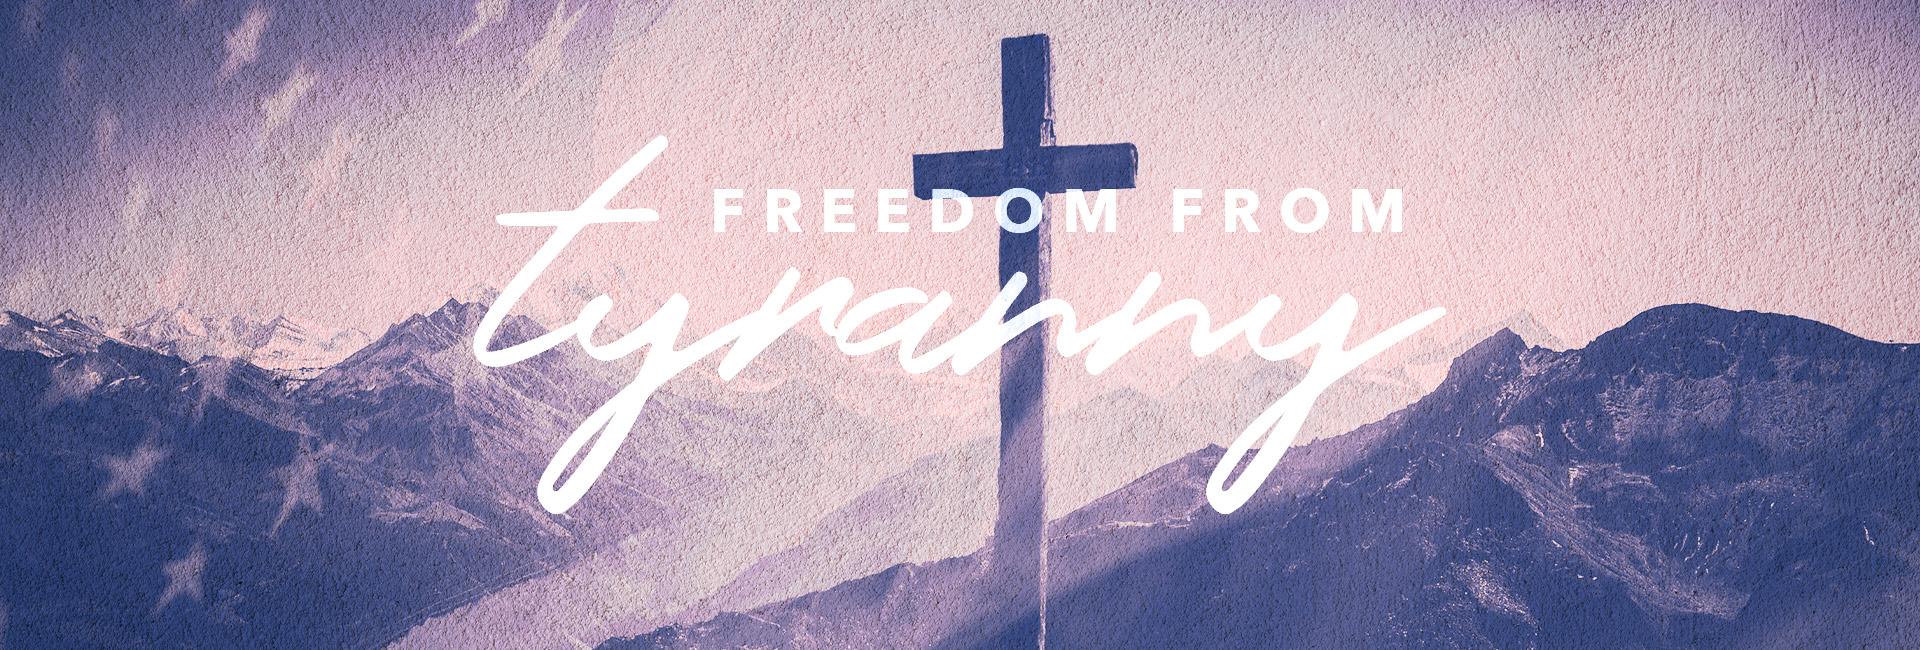 Freedom From Tyranny